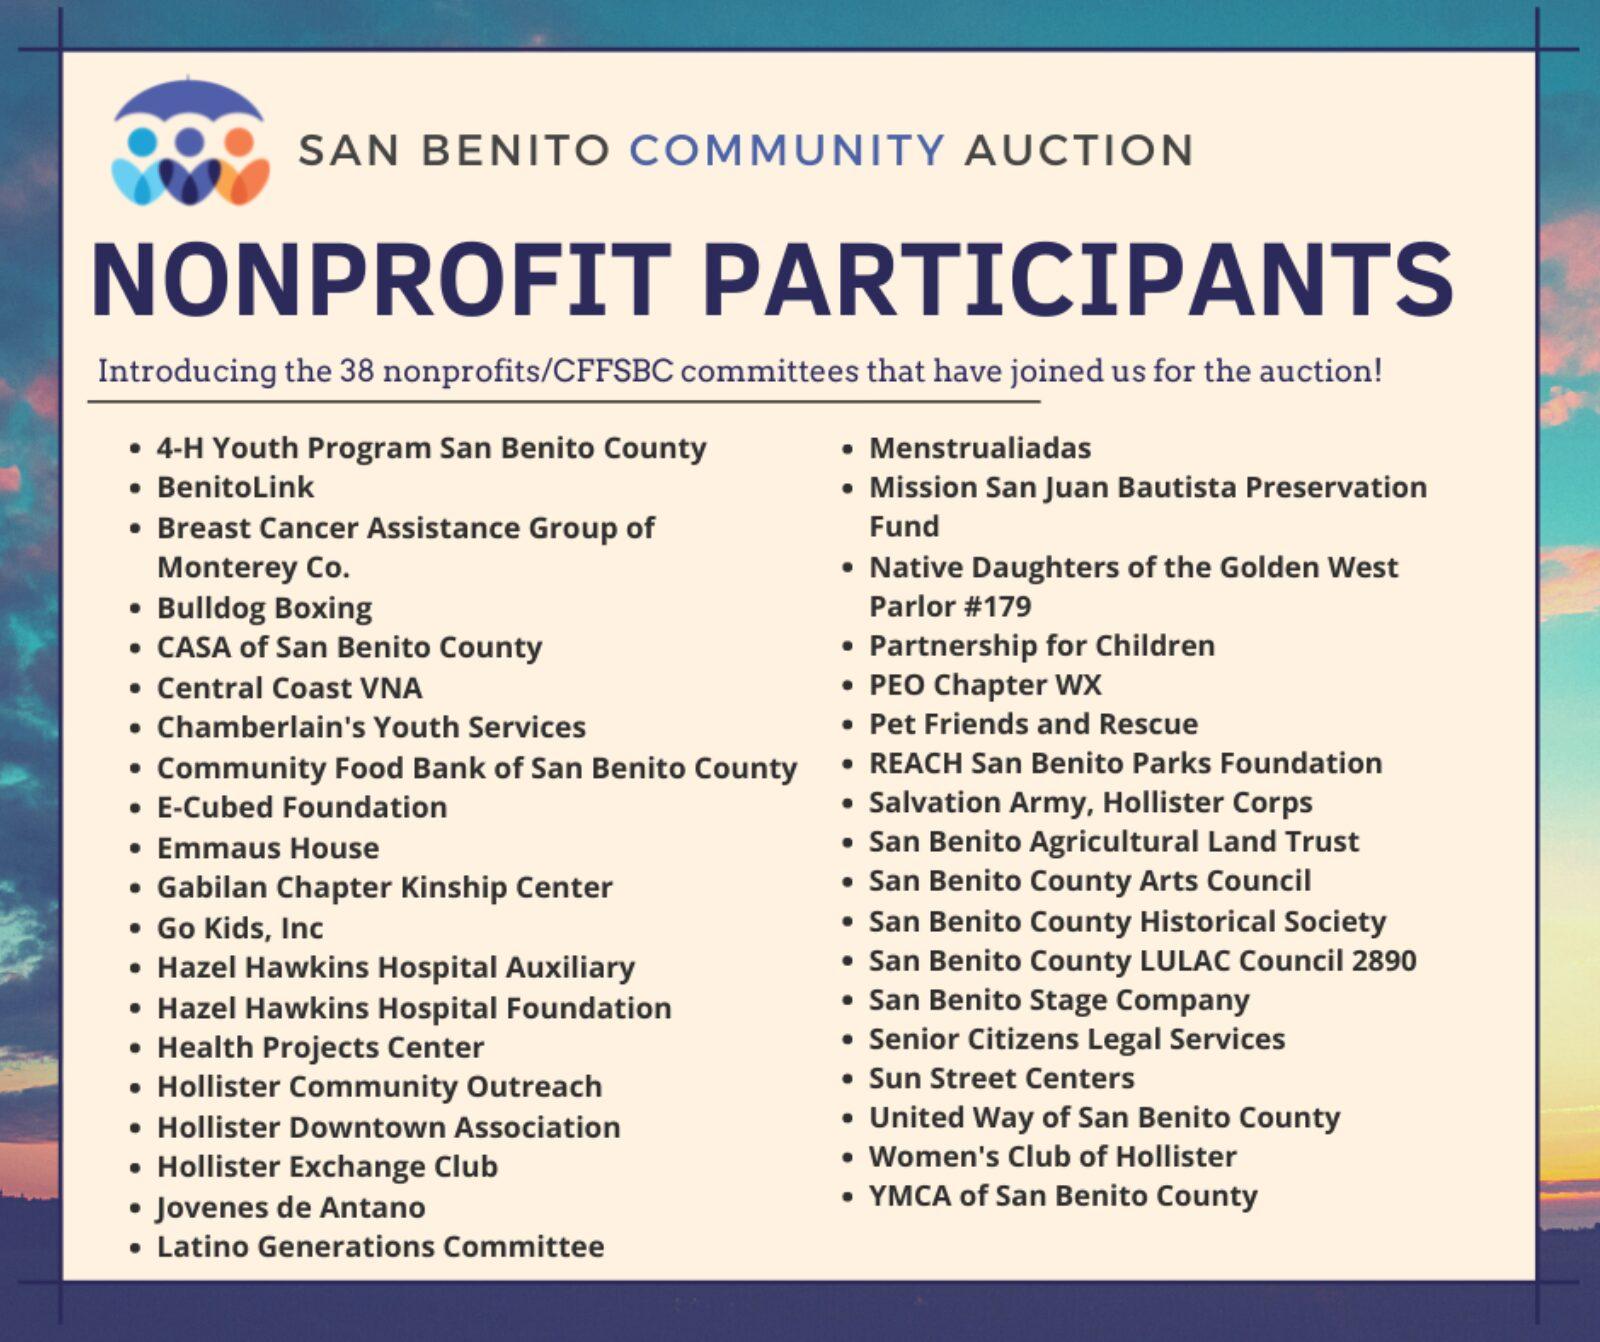 San Benito Community Auction Nonprofit Participants